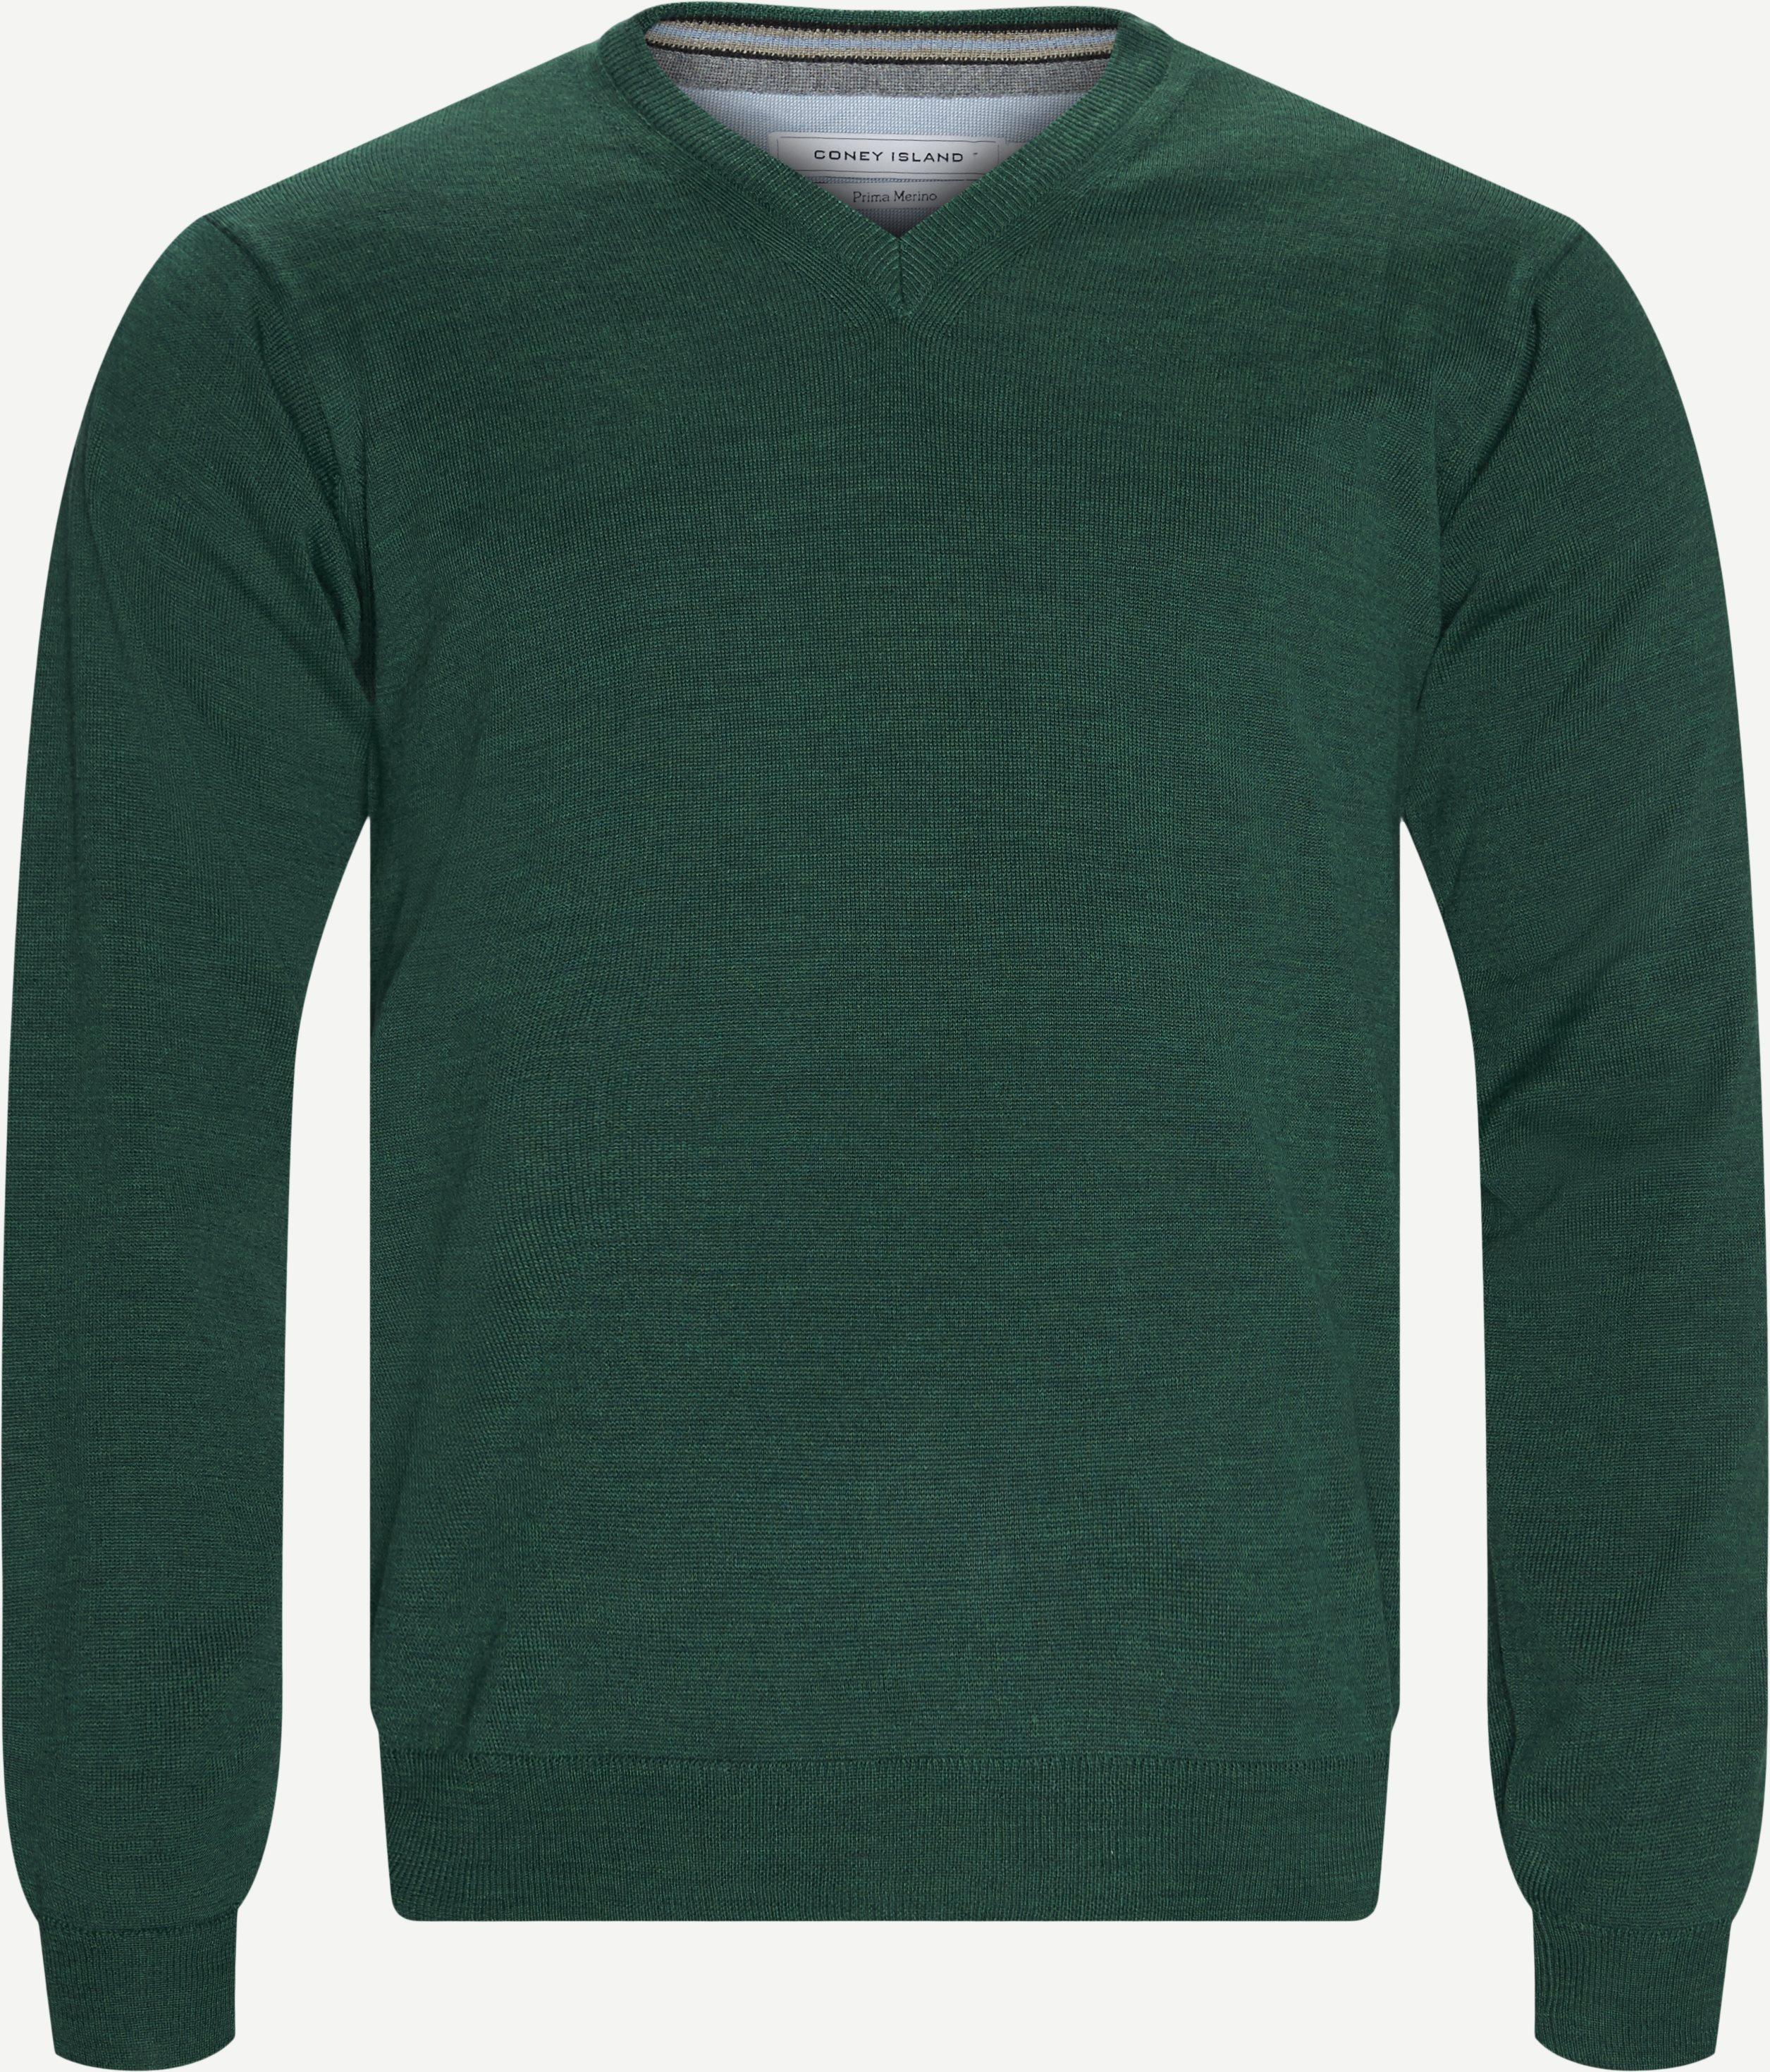 Smaralda V-Neck Striktrøje - Strik - Regular fit - Grøn